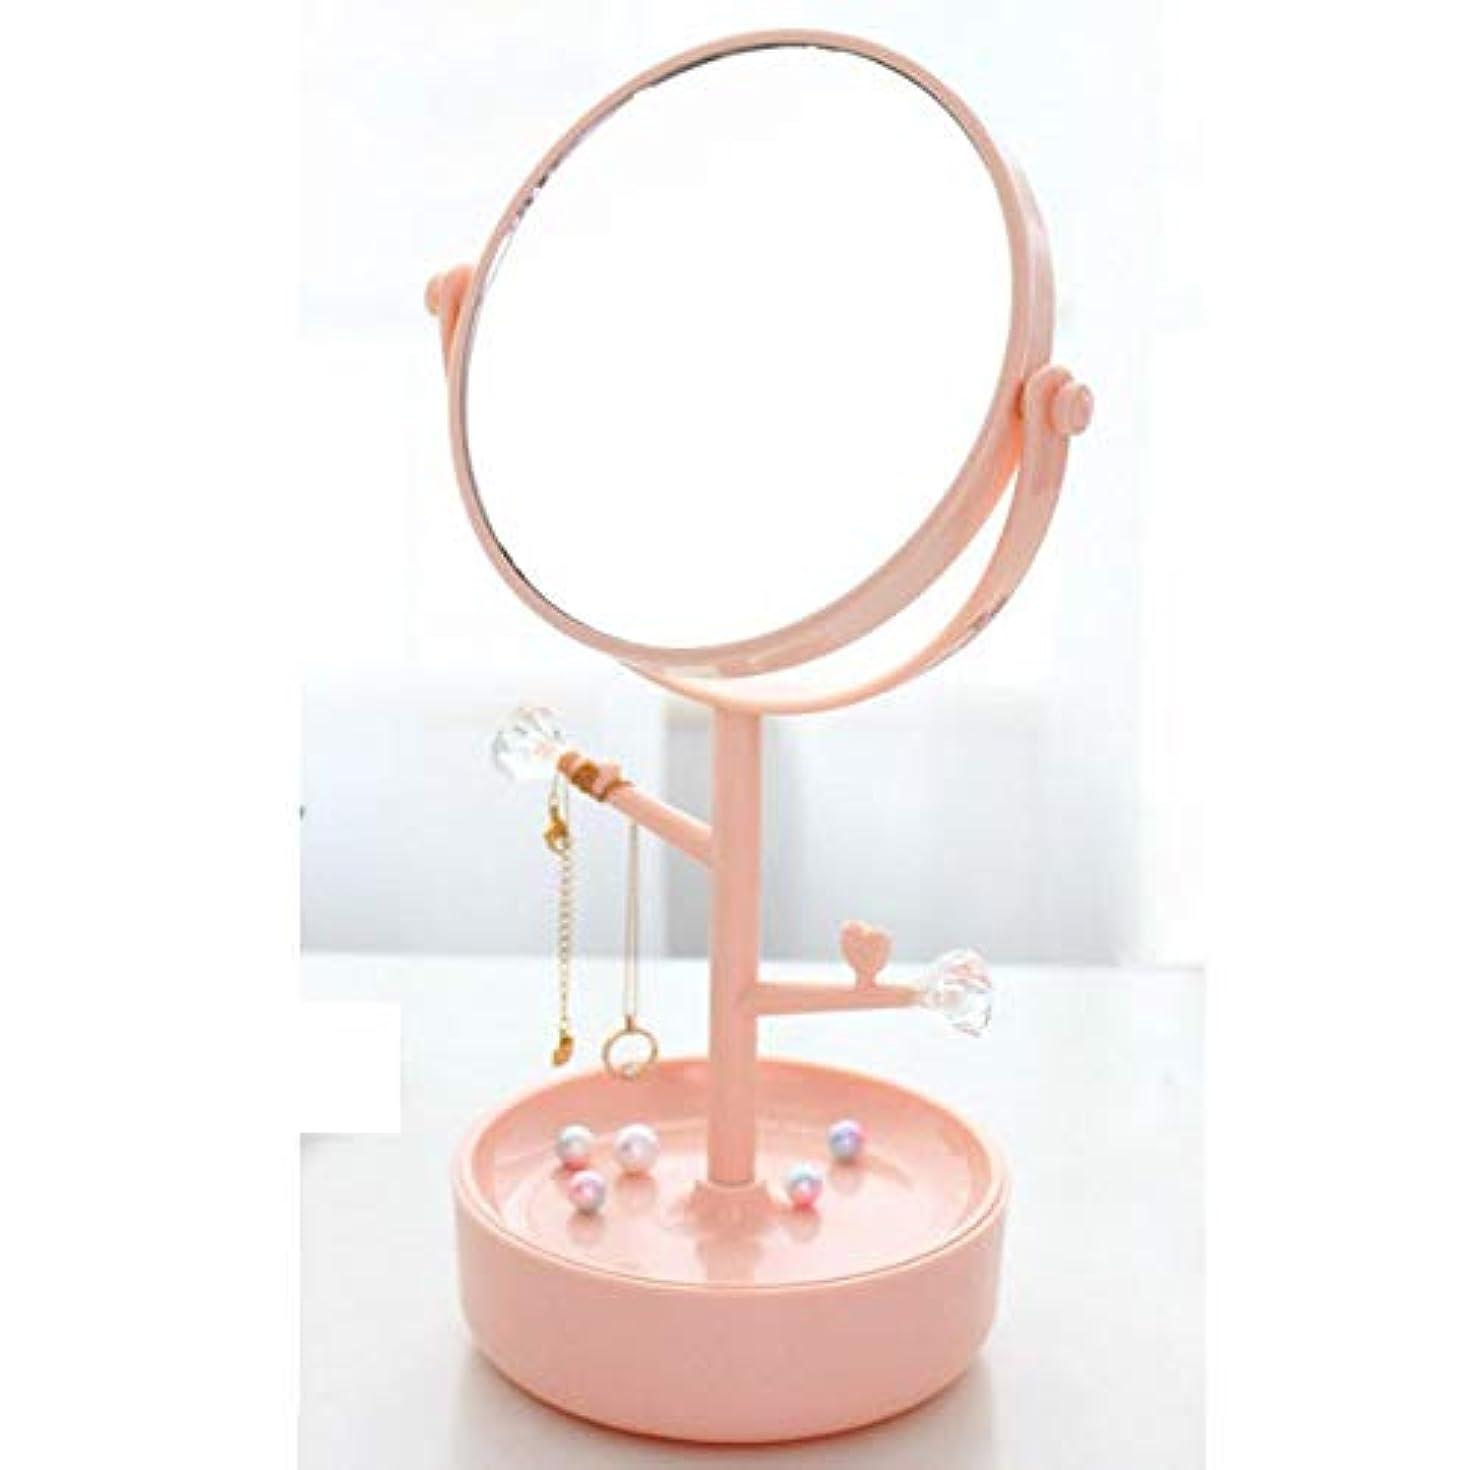 騙す懲らしめ愚かな化粧鏡、ピンク多機能収納両面化粧鏡化粧ギフト